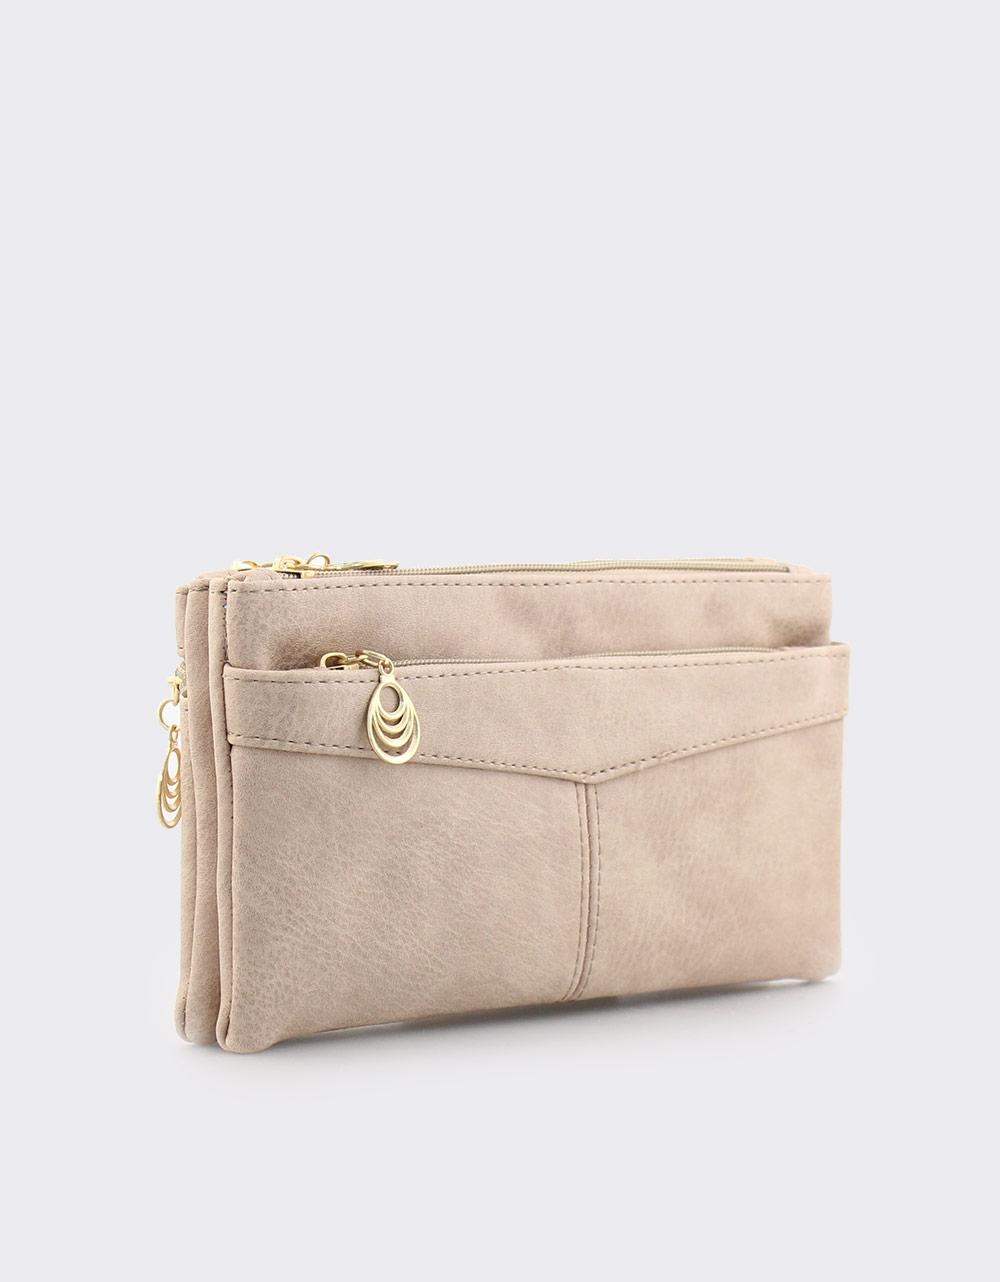 Εικόνα από Γυναικεία πορτοφόλια με διακοσμητικό στο φερμουάρ Μπεζ